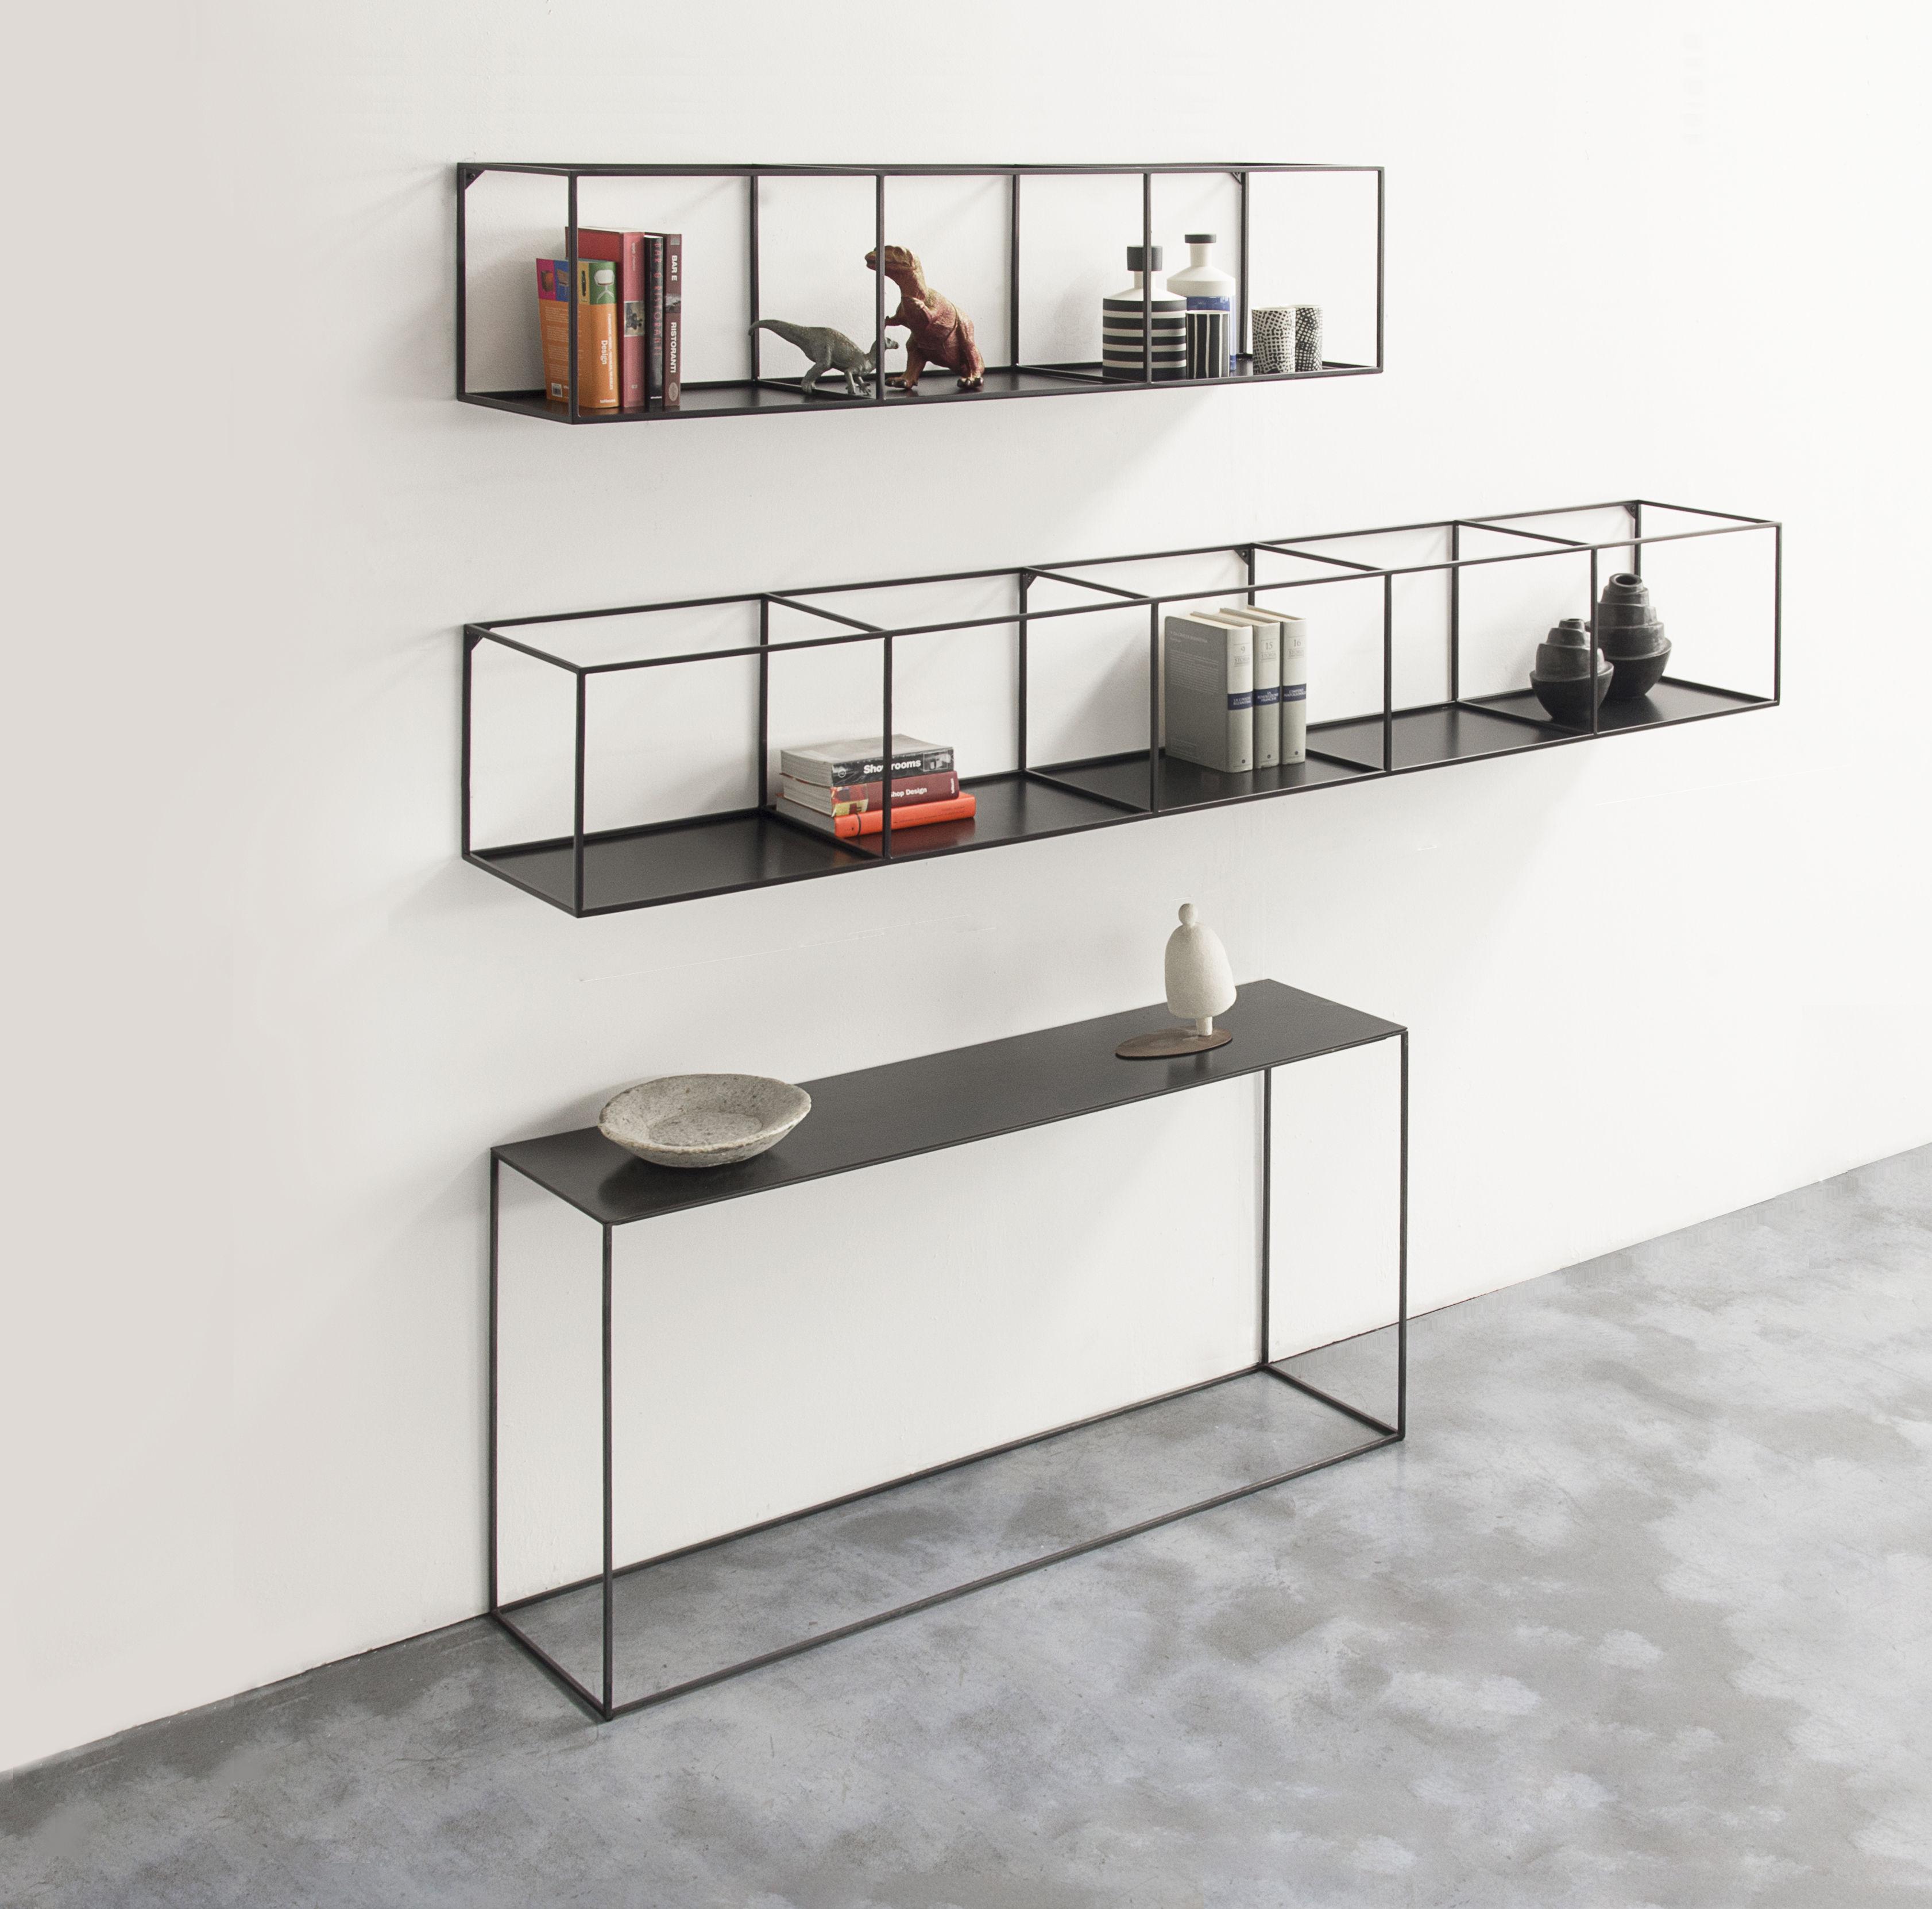 etag re slim irony l 124 cm noir cuivr zeus. Black Bedroom Furniture Sets. Home Design Ideas